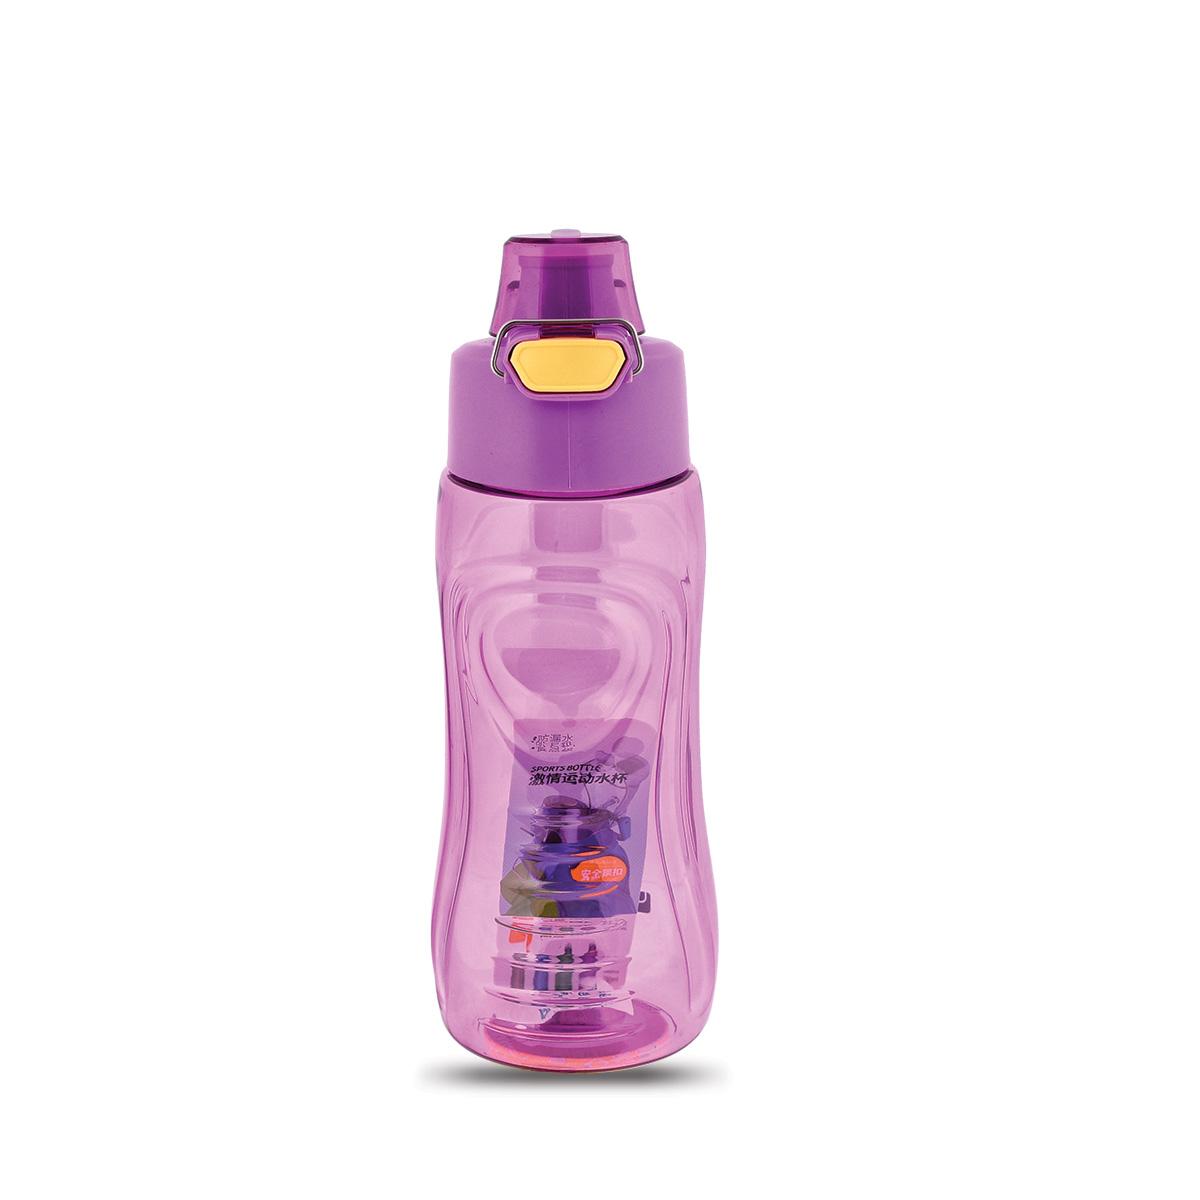 قارورة ماء مدرسية بلاستيكية - 850 ملي - الوان متعددة - 6522